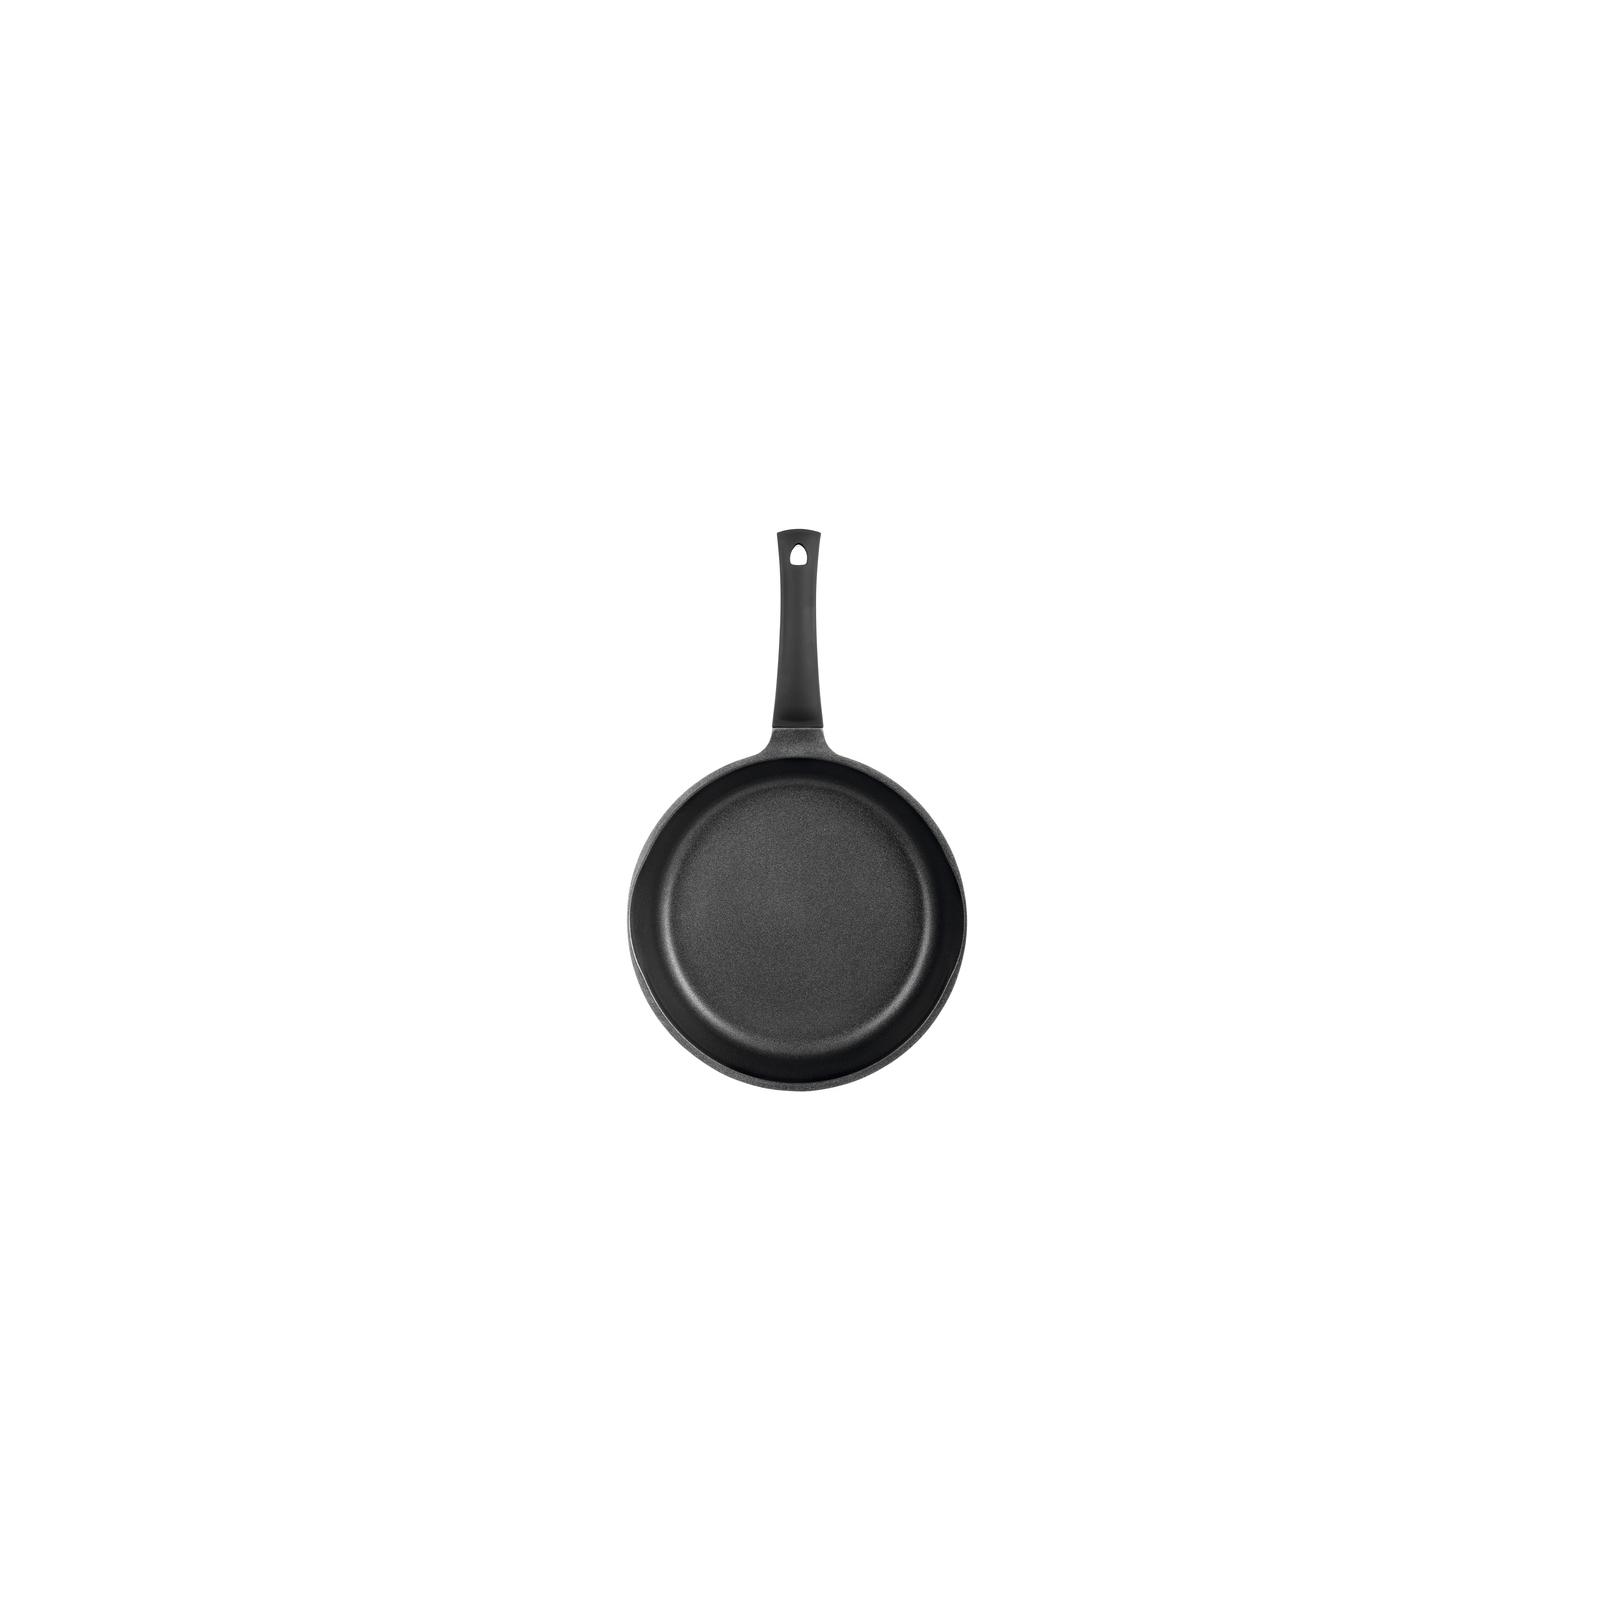 Сковорода Ringel Zitrone black с крышкой 28 см (RG-2108-28 BL) изображение 4